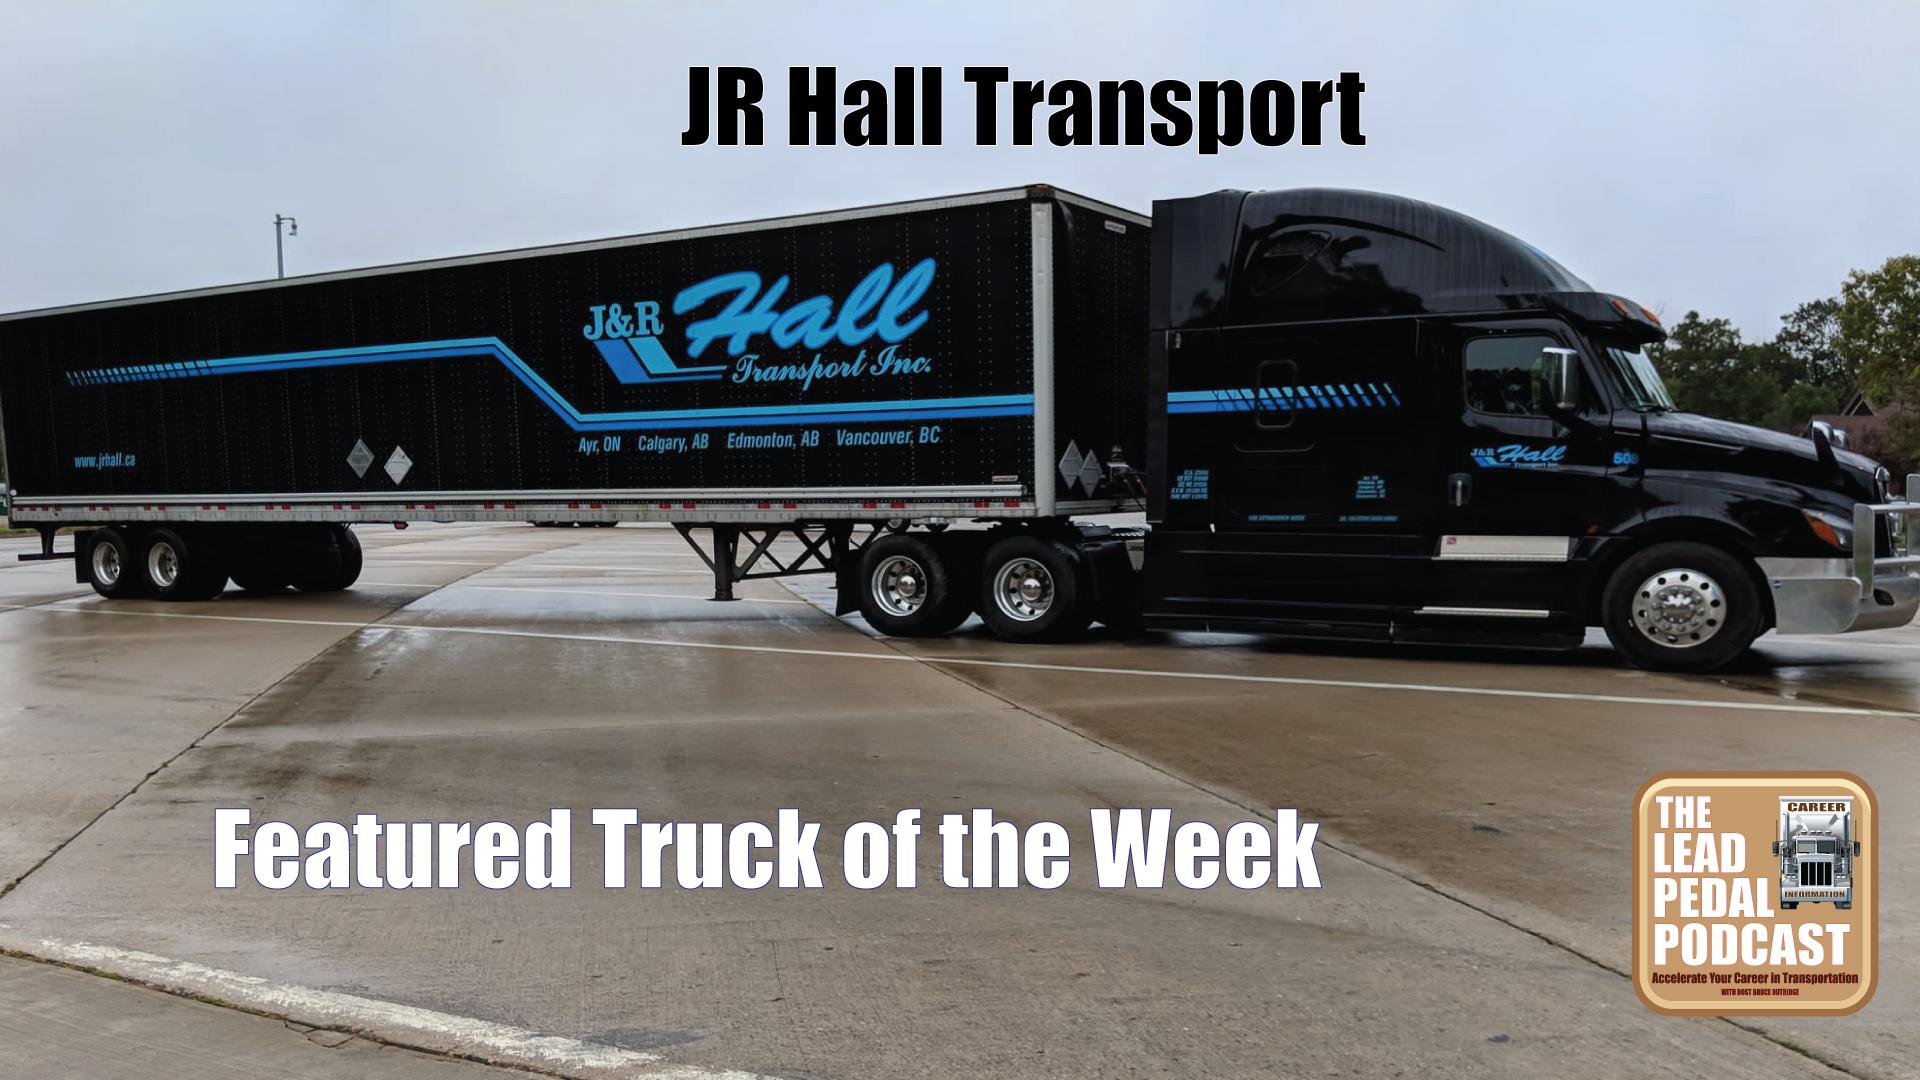 JR hall